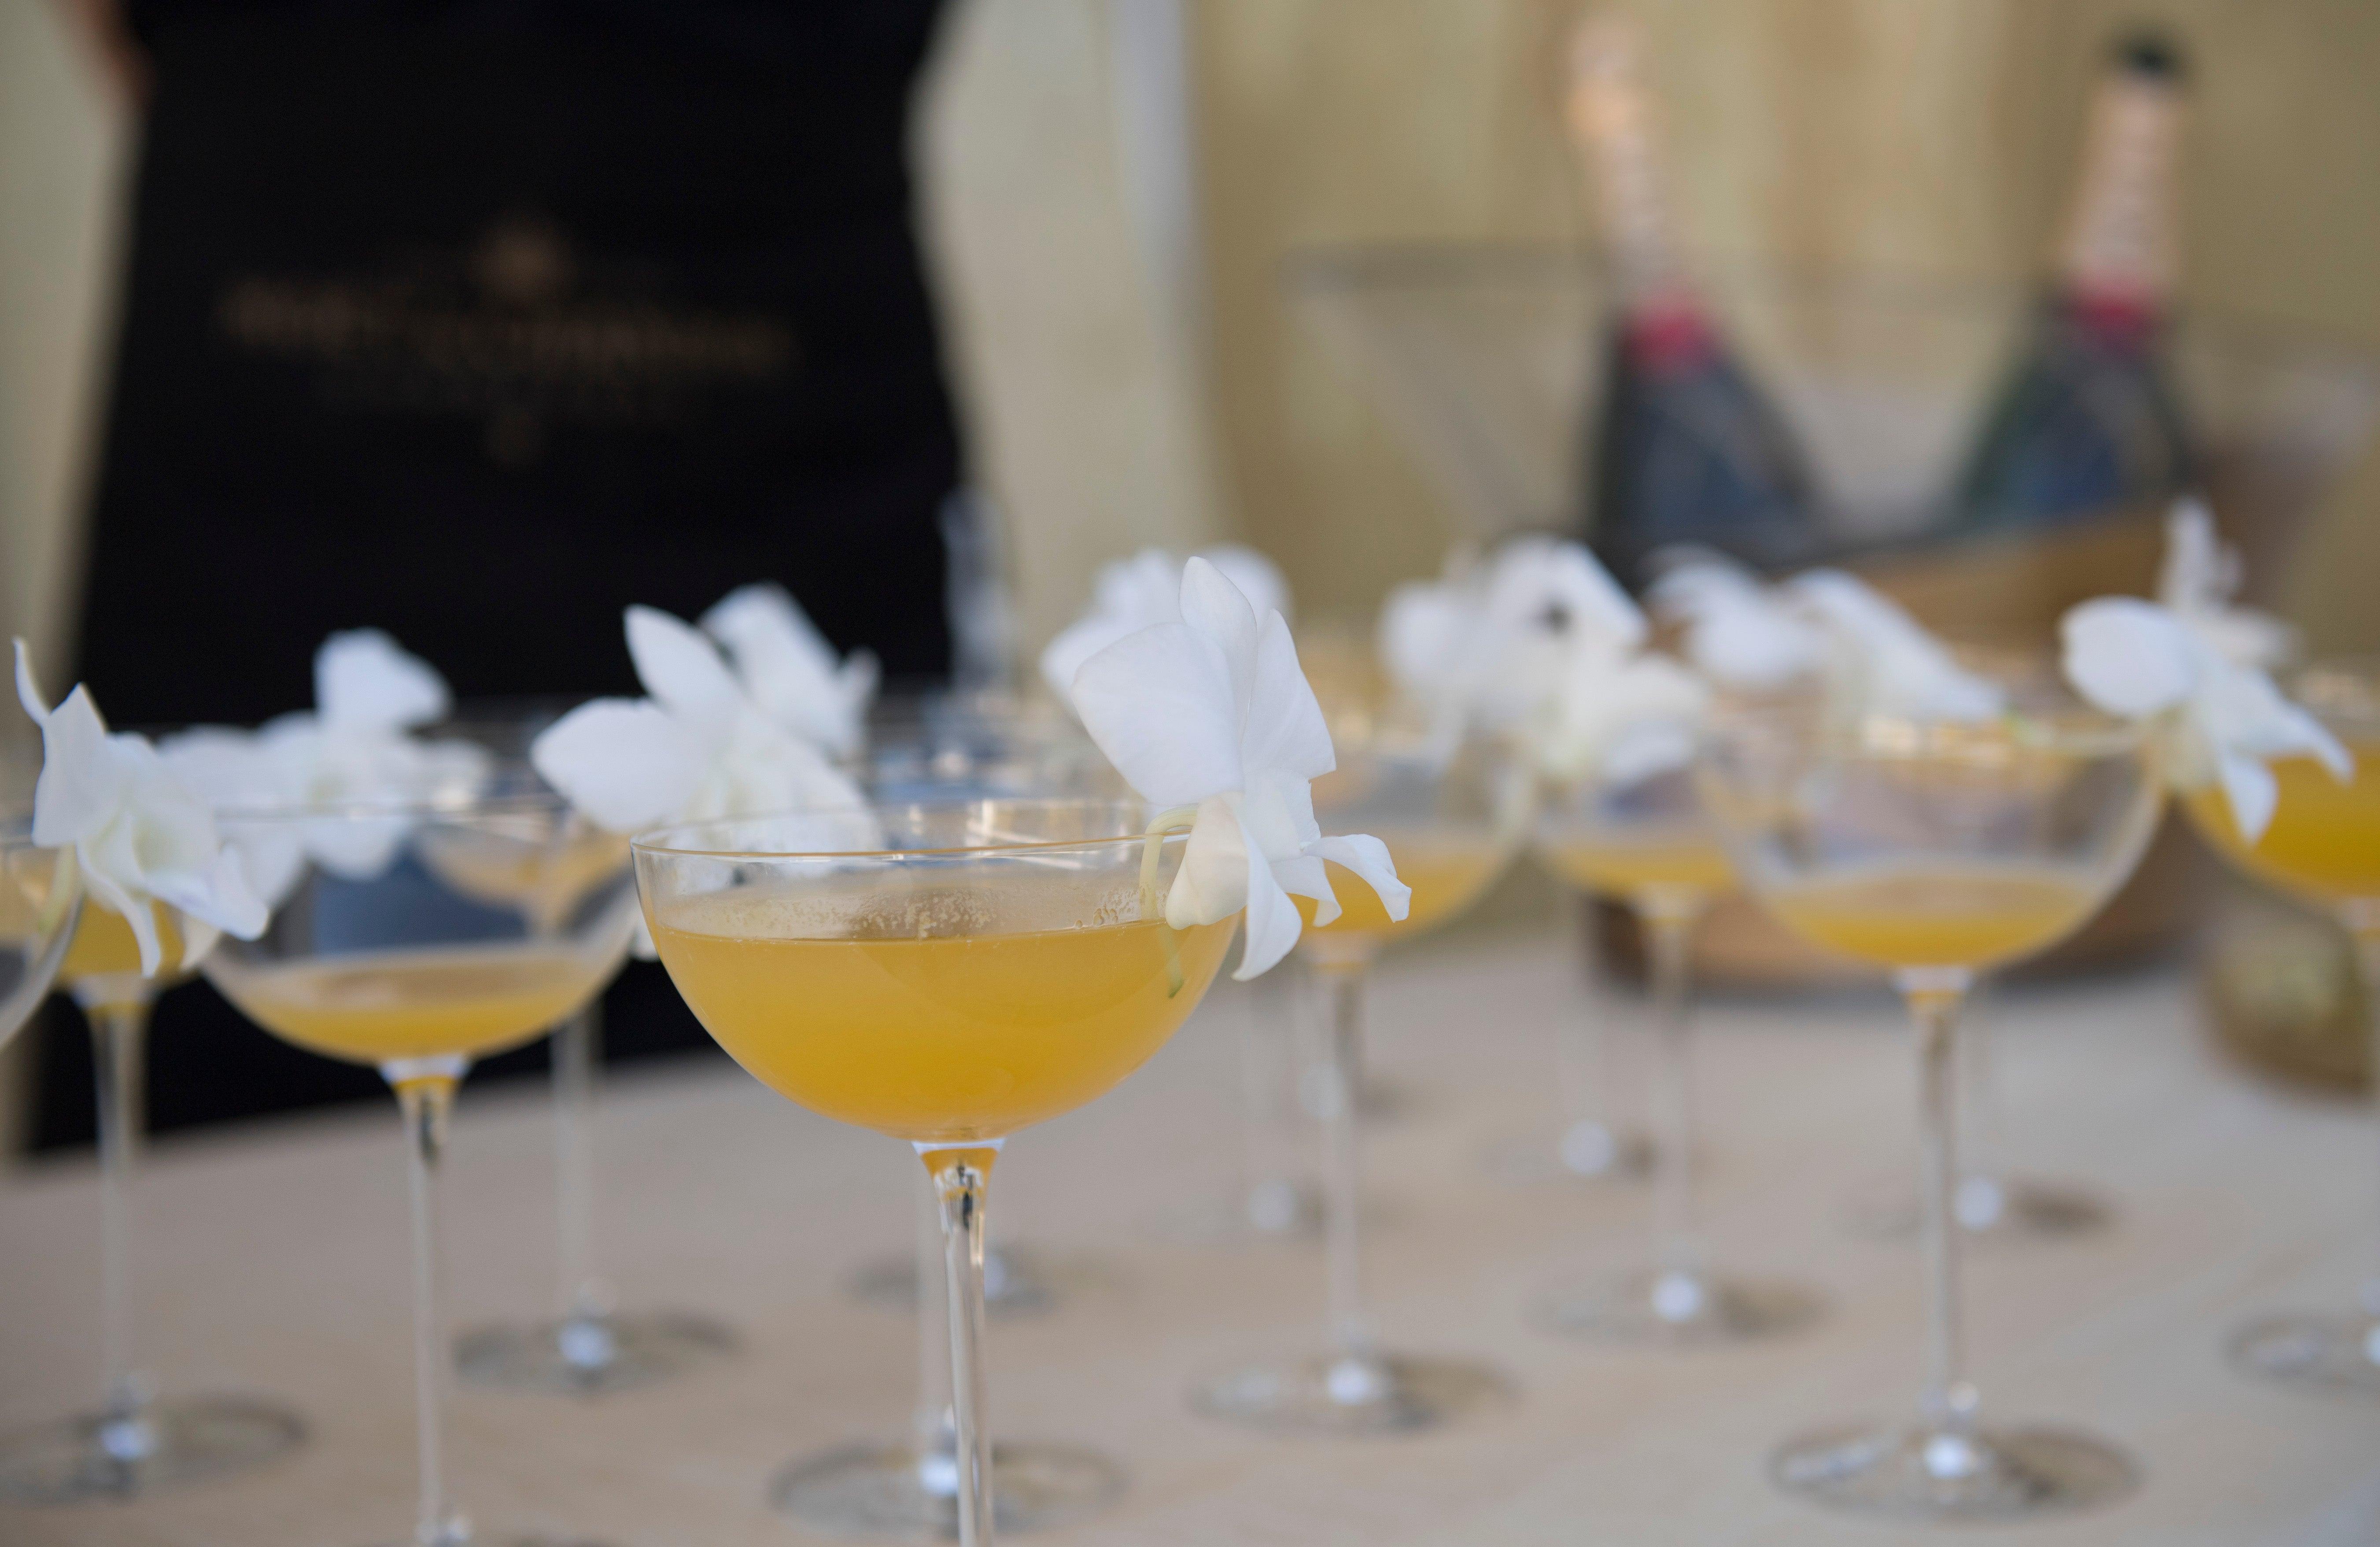 Drink Moet Belle, Golden Globes 2019